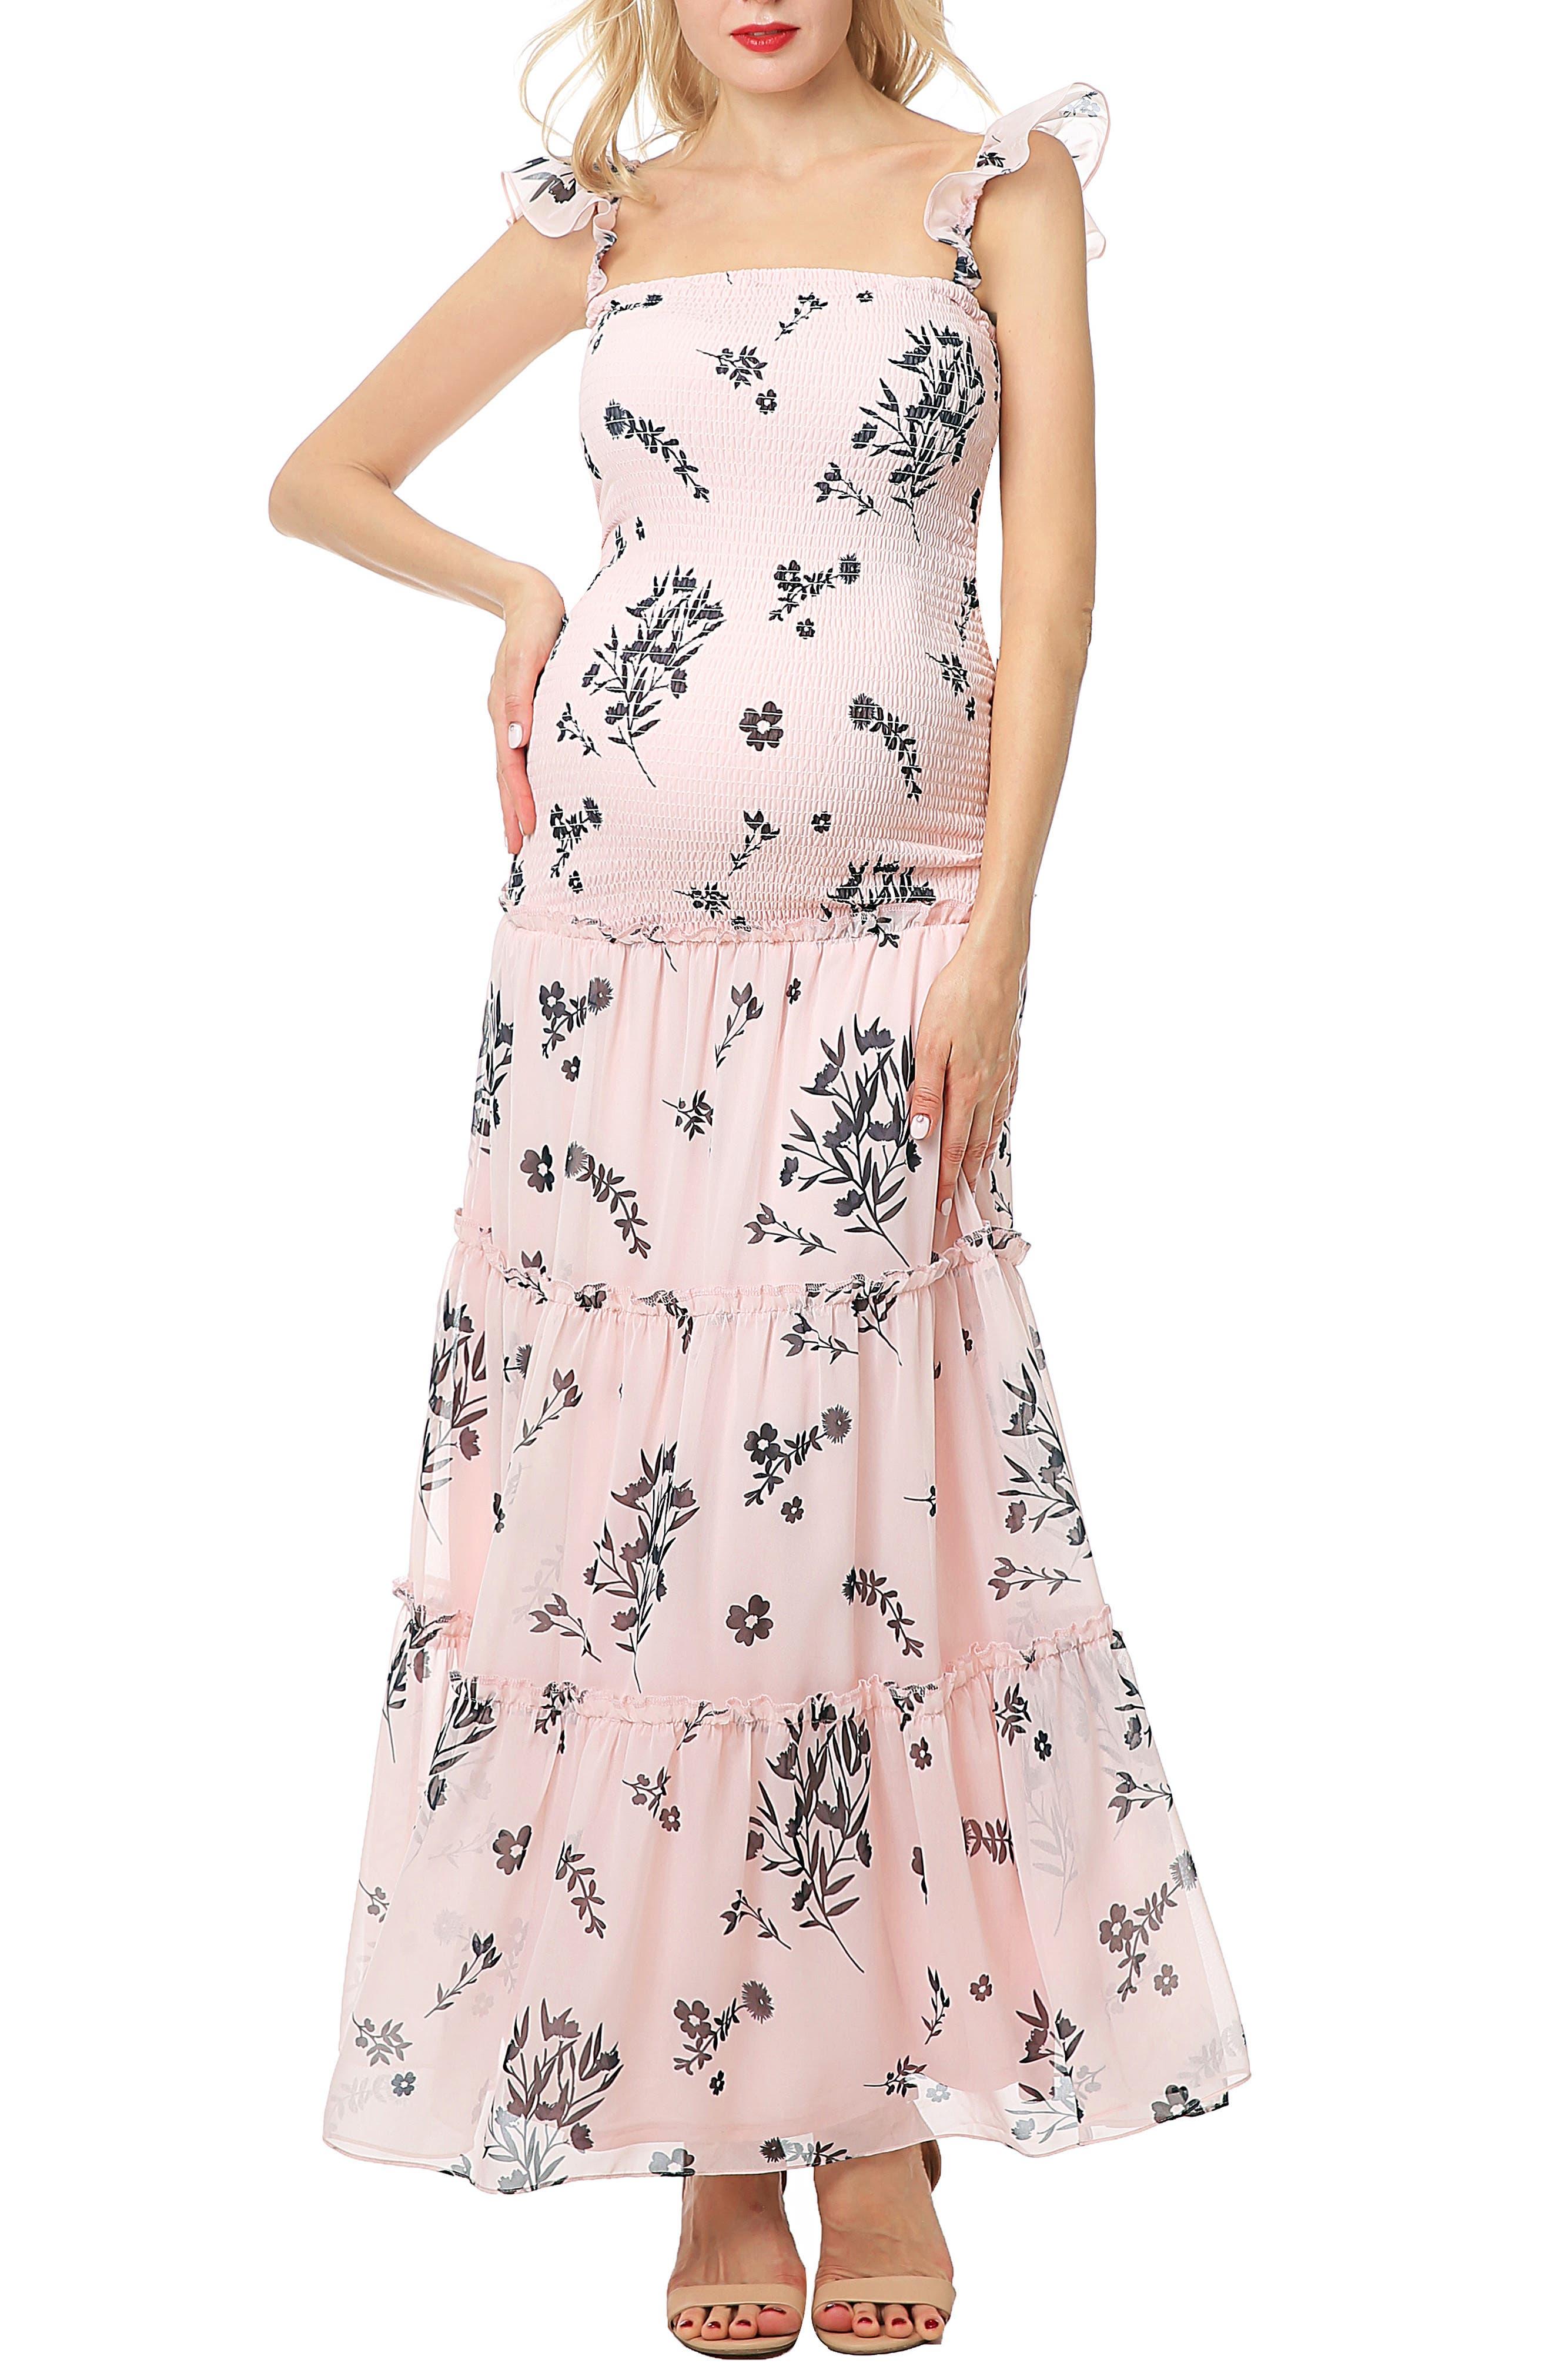 Charity Smocked Maternity Maxi Dress